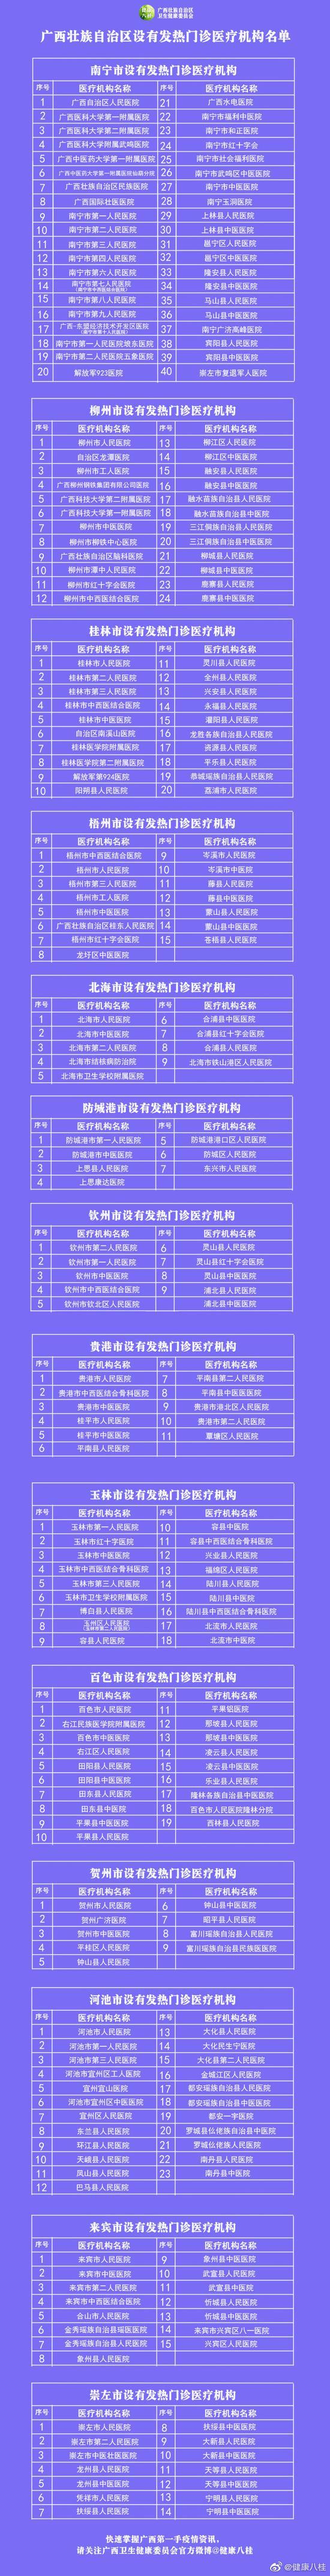 最全!广西234家设有发热门诊医疗机构名单(图)